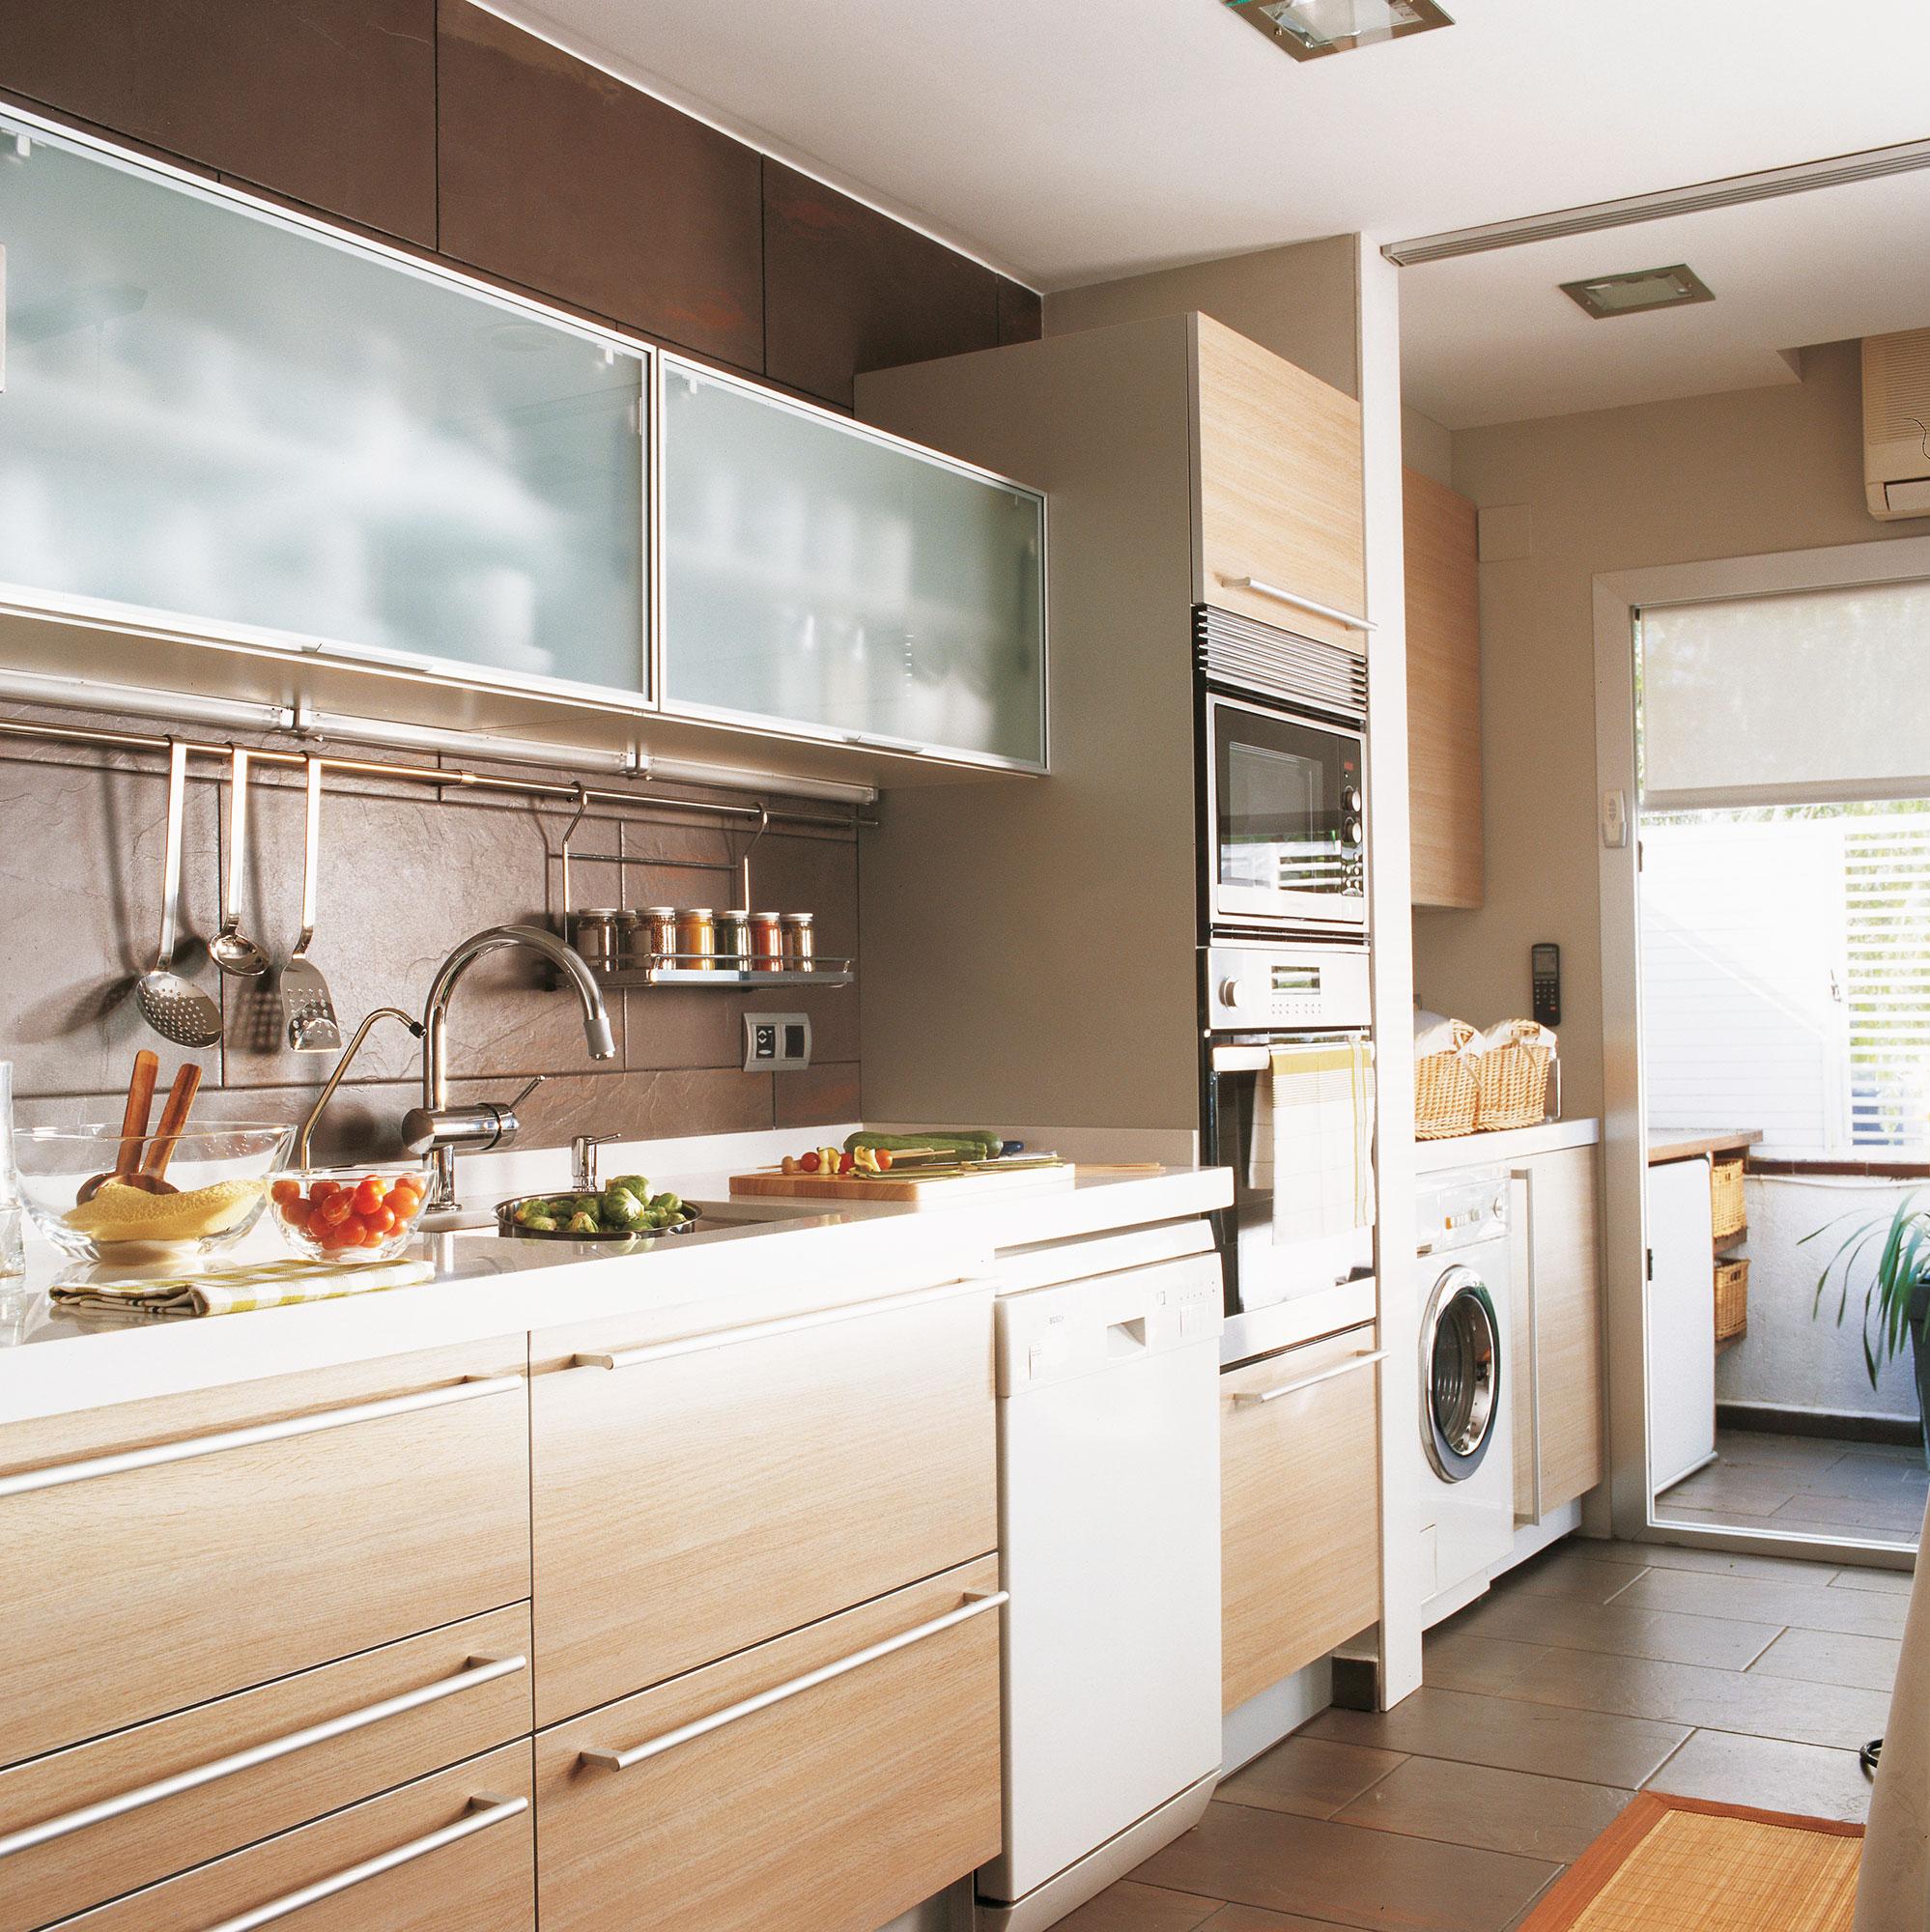 D nde poner la lavadora en casa for Cocina y lavadero integrados